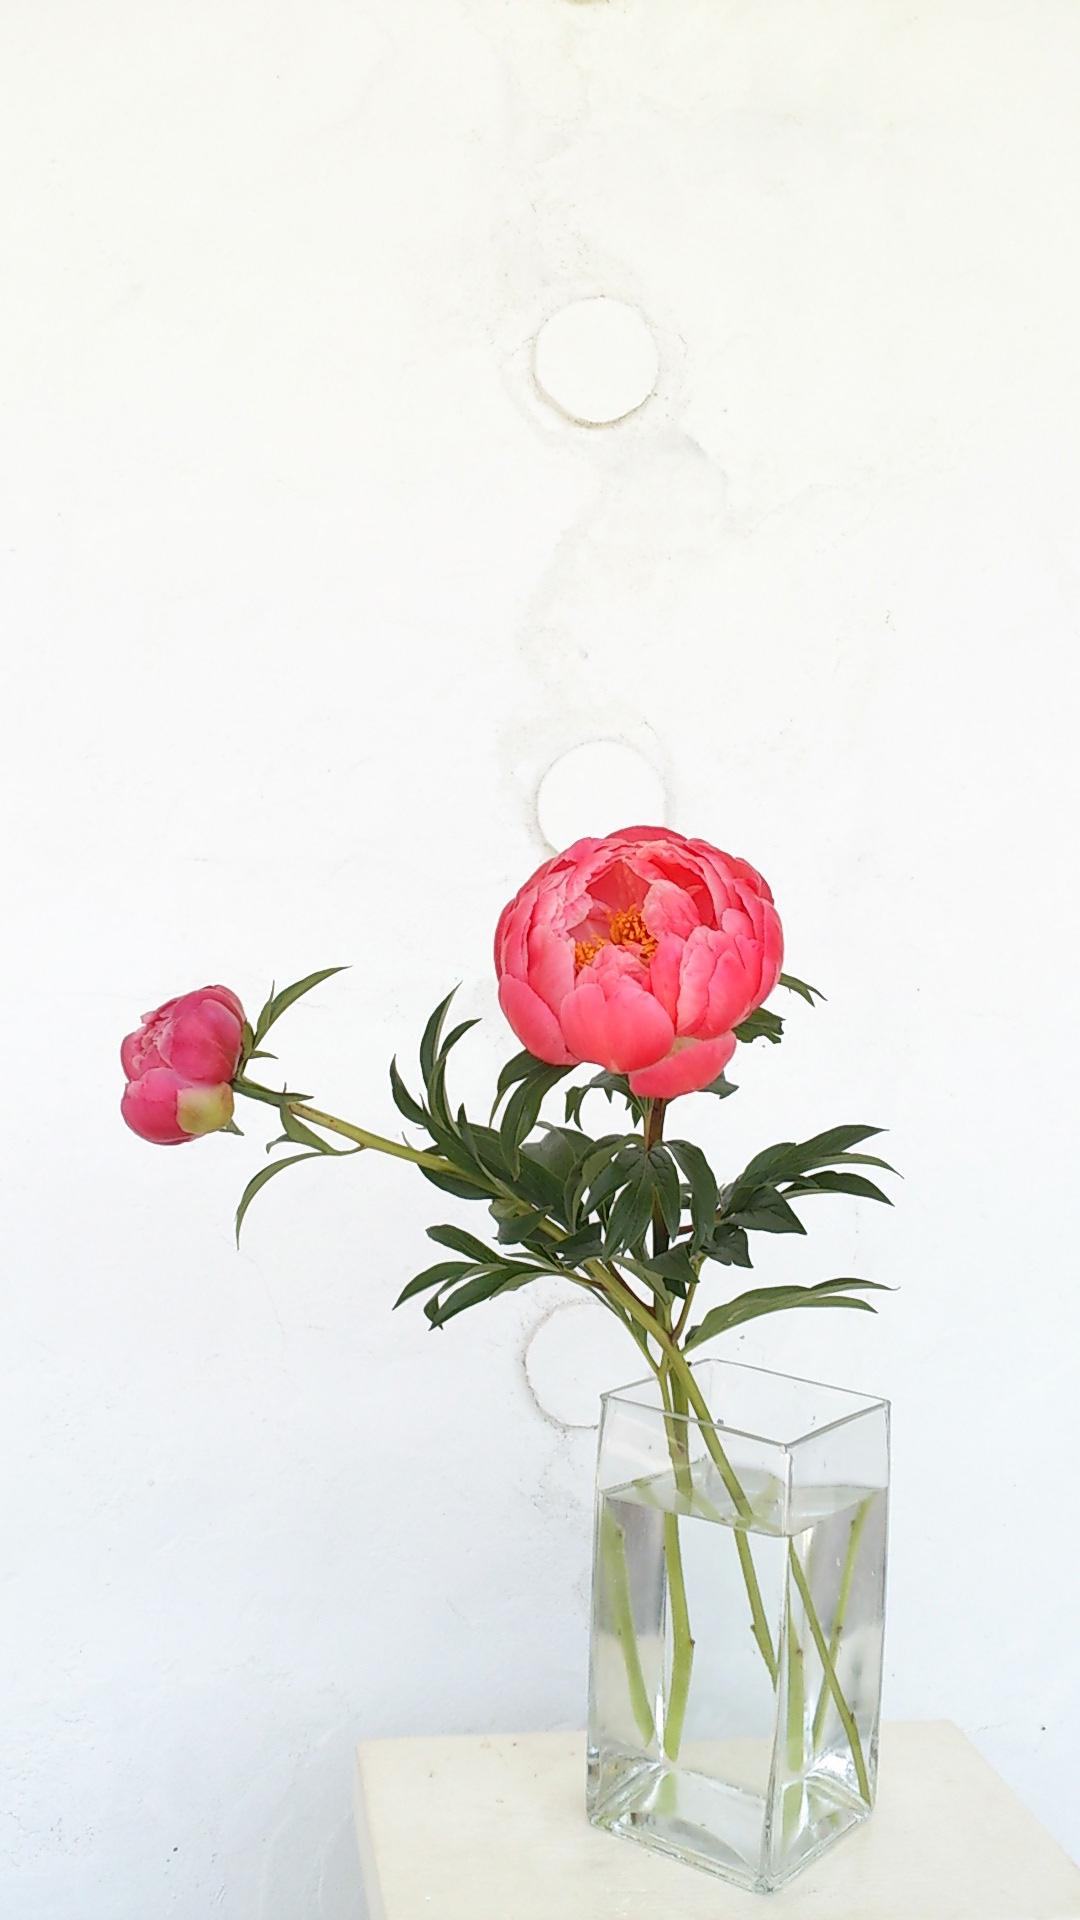 芍薬、胡蝶蘭、ガラスとしずくギャラリー。_b0240382_21493870.jpg